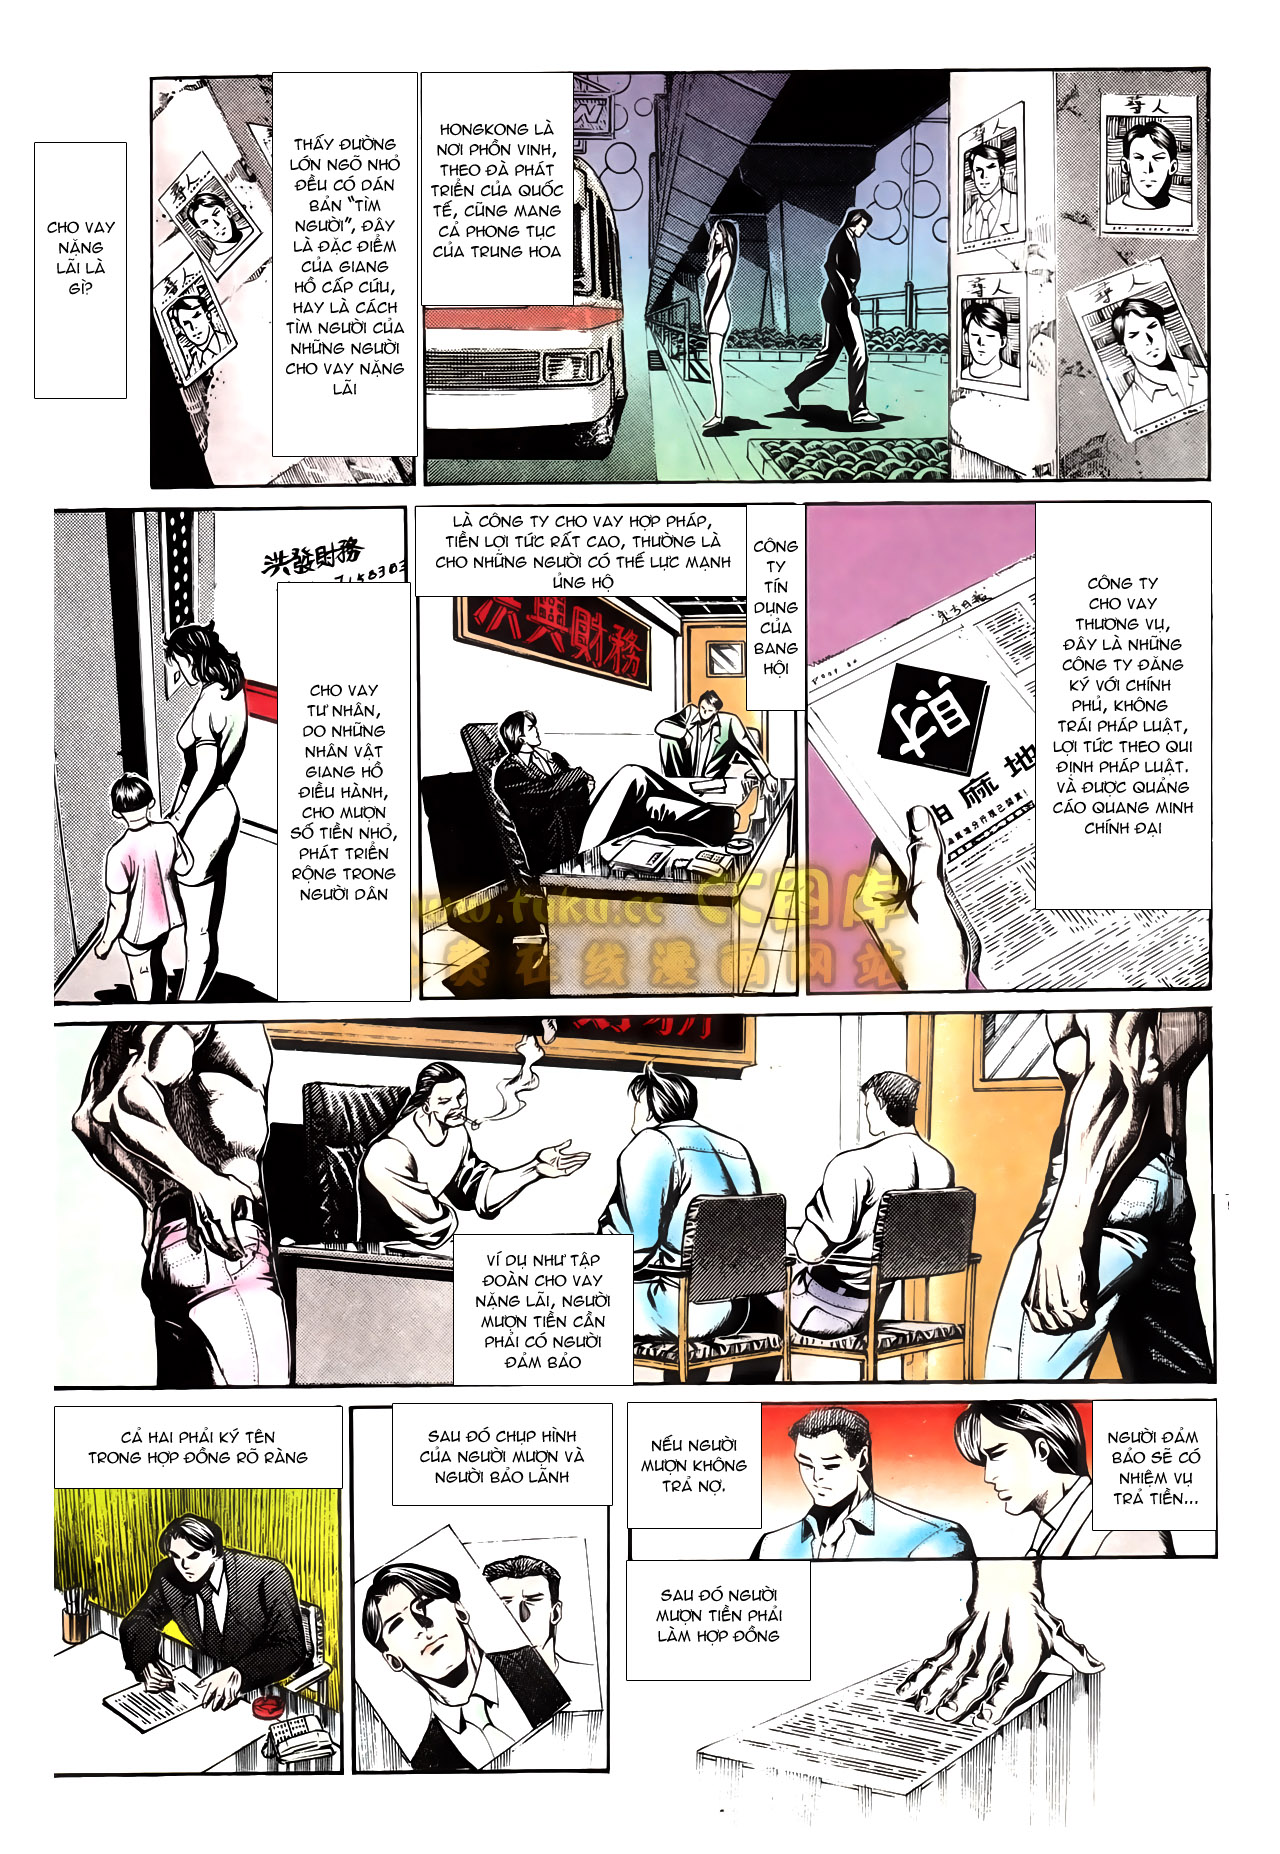 Người Trong Giang Hồ chapter 163: thủ đoạn đòi nợ trang 2